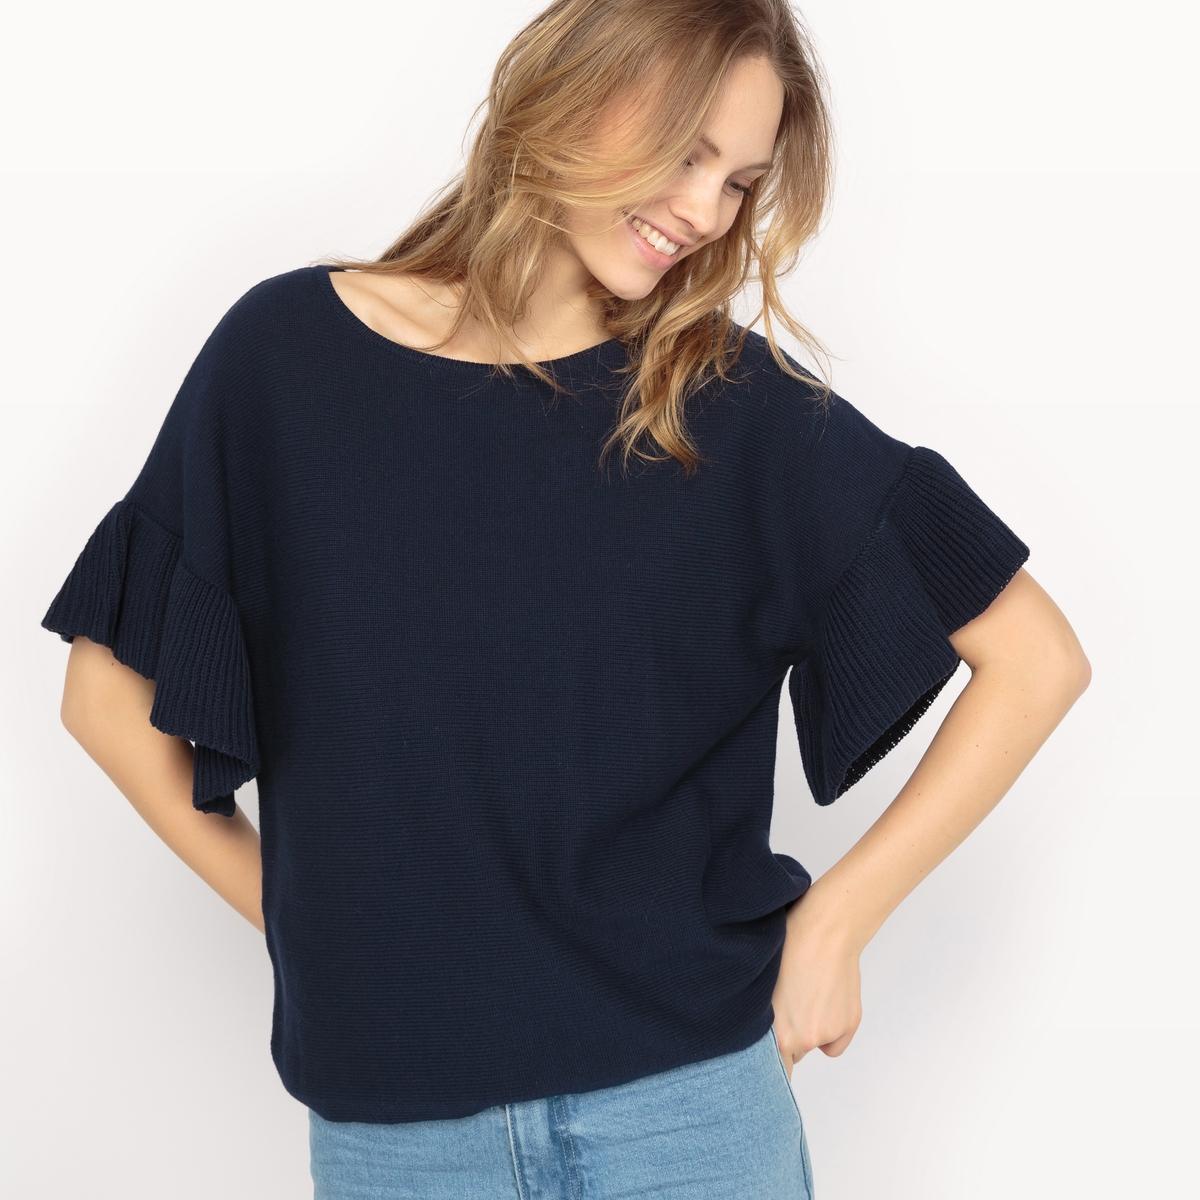 Пуловер объемного покроя с короткими рукавамиМатериал : 100% хлопок Длина рукава : короткие рукава Форма воротника : круглый вырез Покрой пуловера : стандартный Рисунок : однотонная модель  Особенность пуловера : с воланом<br><br>Цвет: темно-синий<br>Размер: S